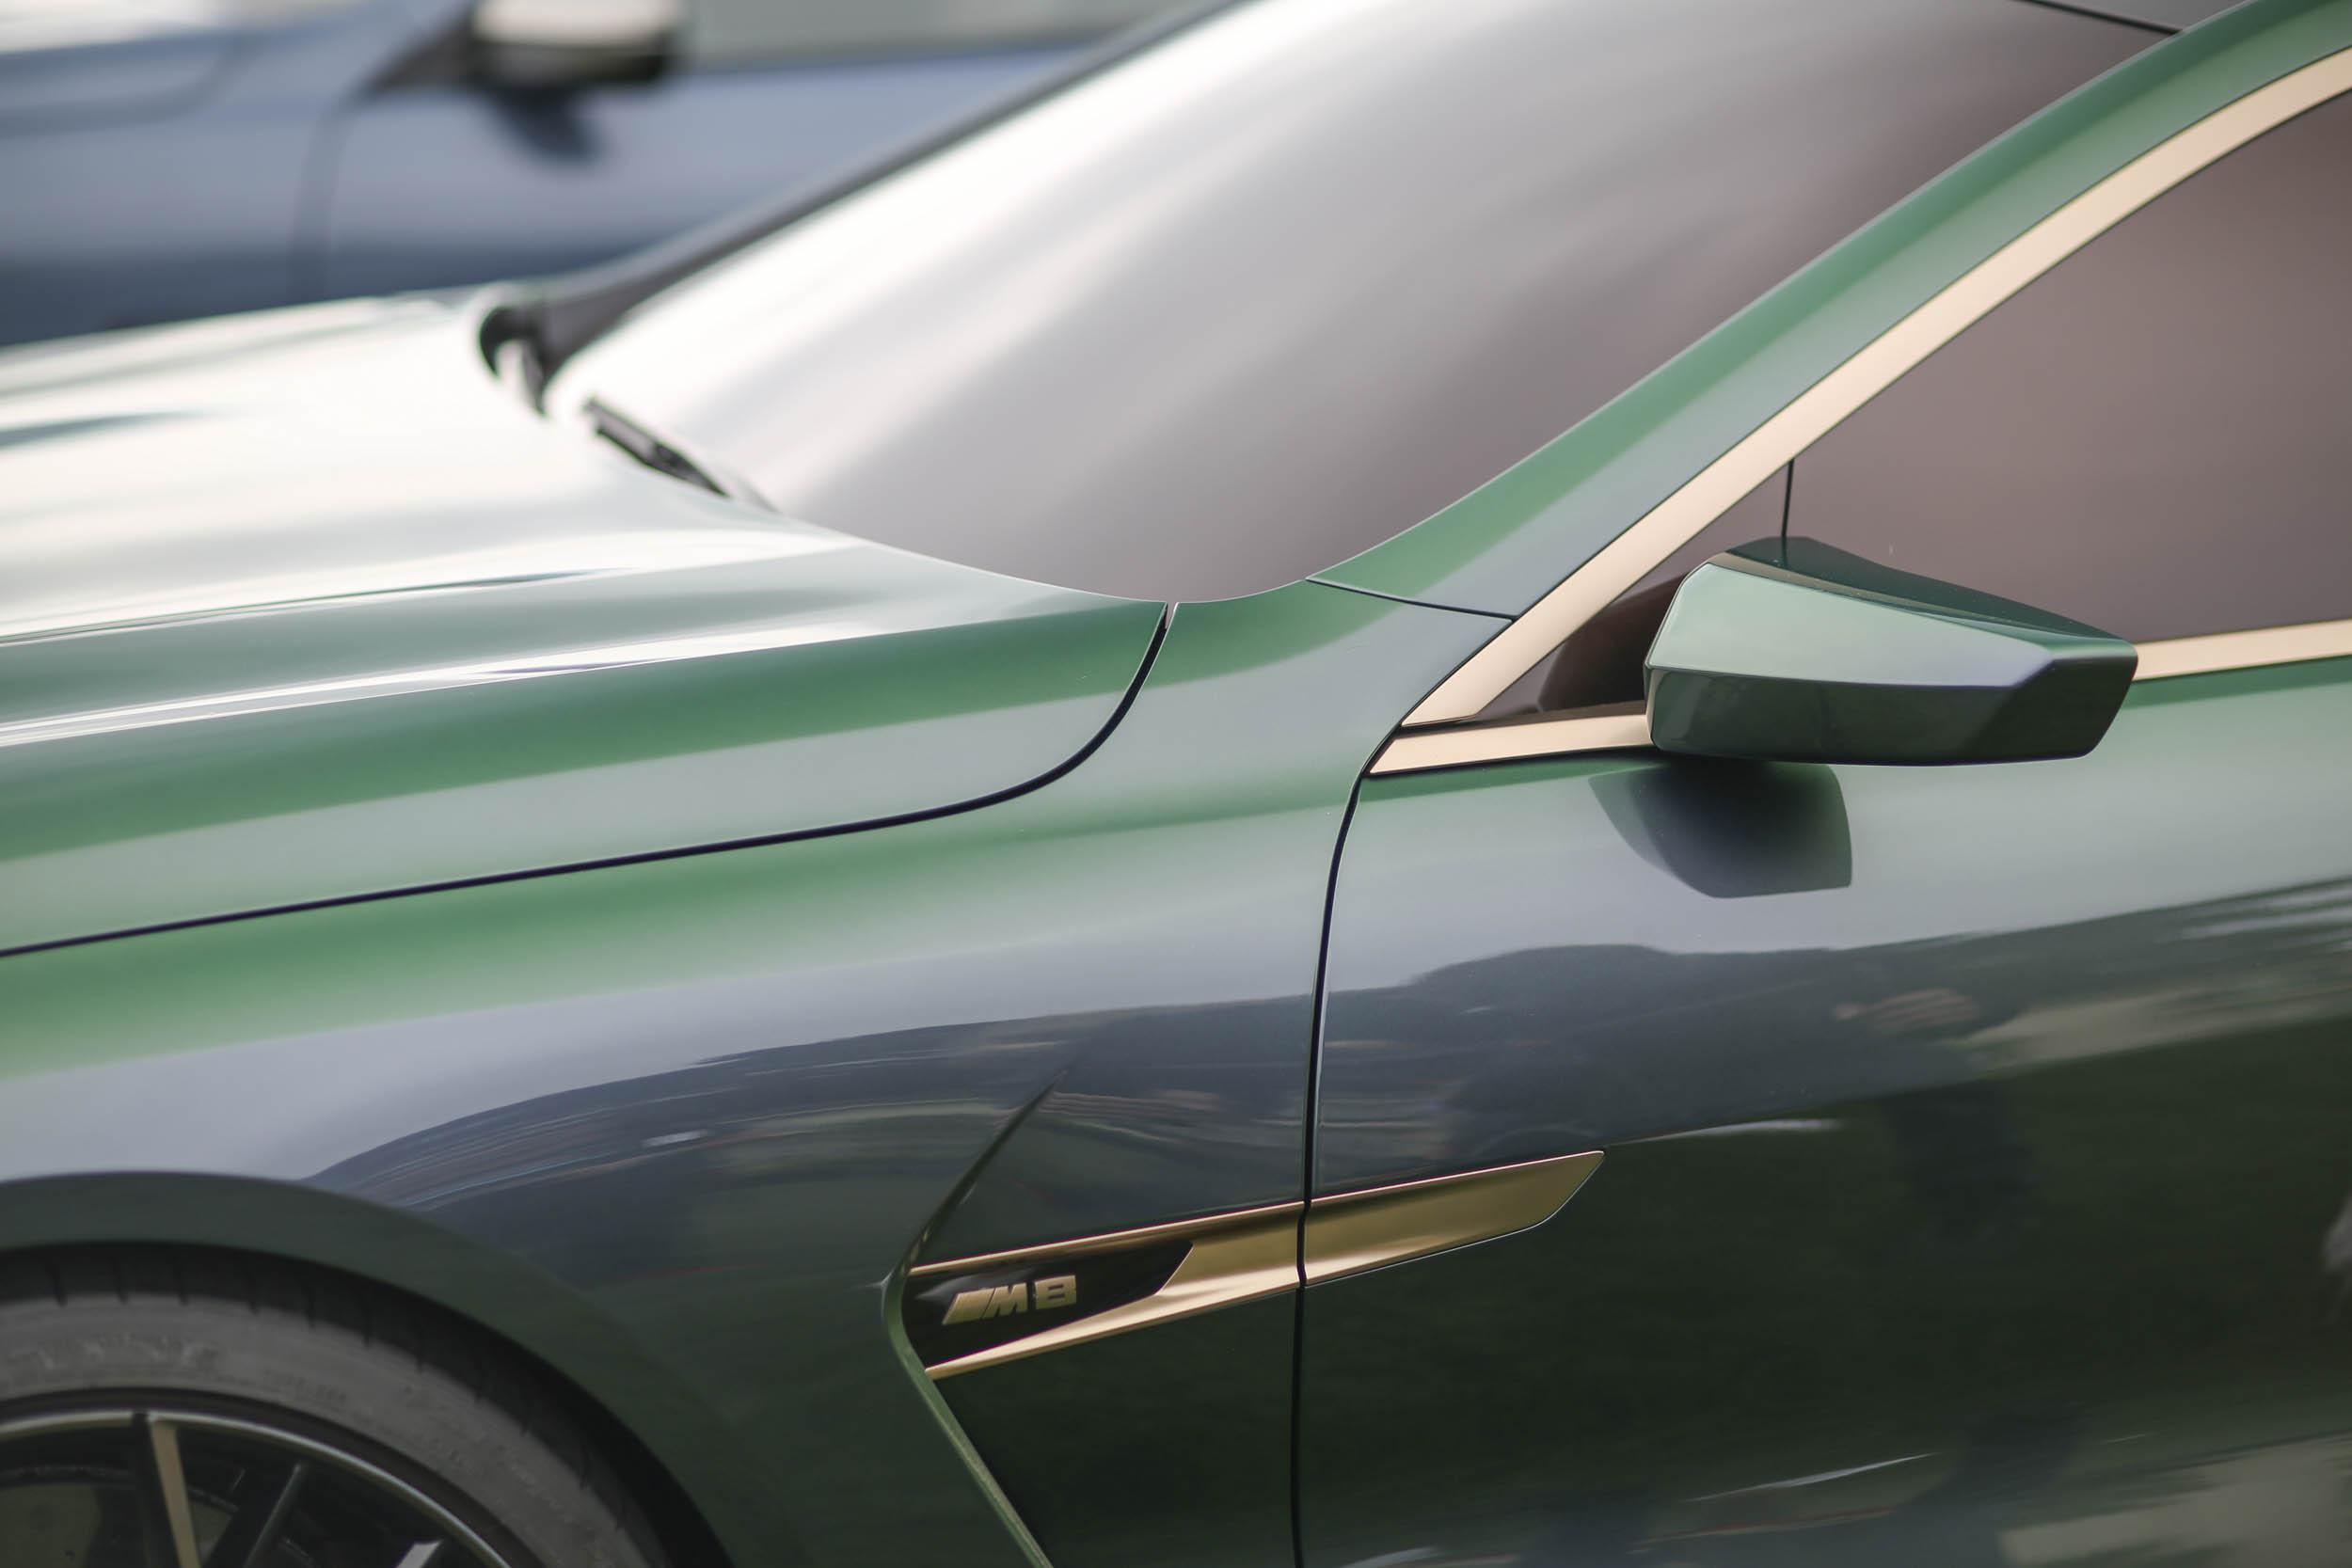 BMW M8 Gran Coupe side detail